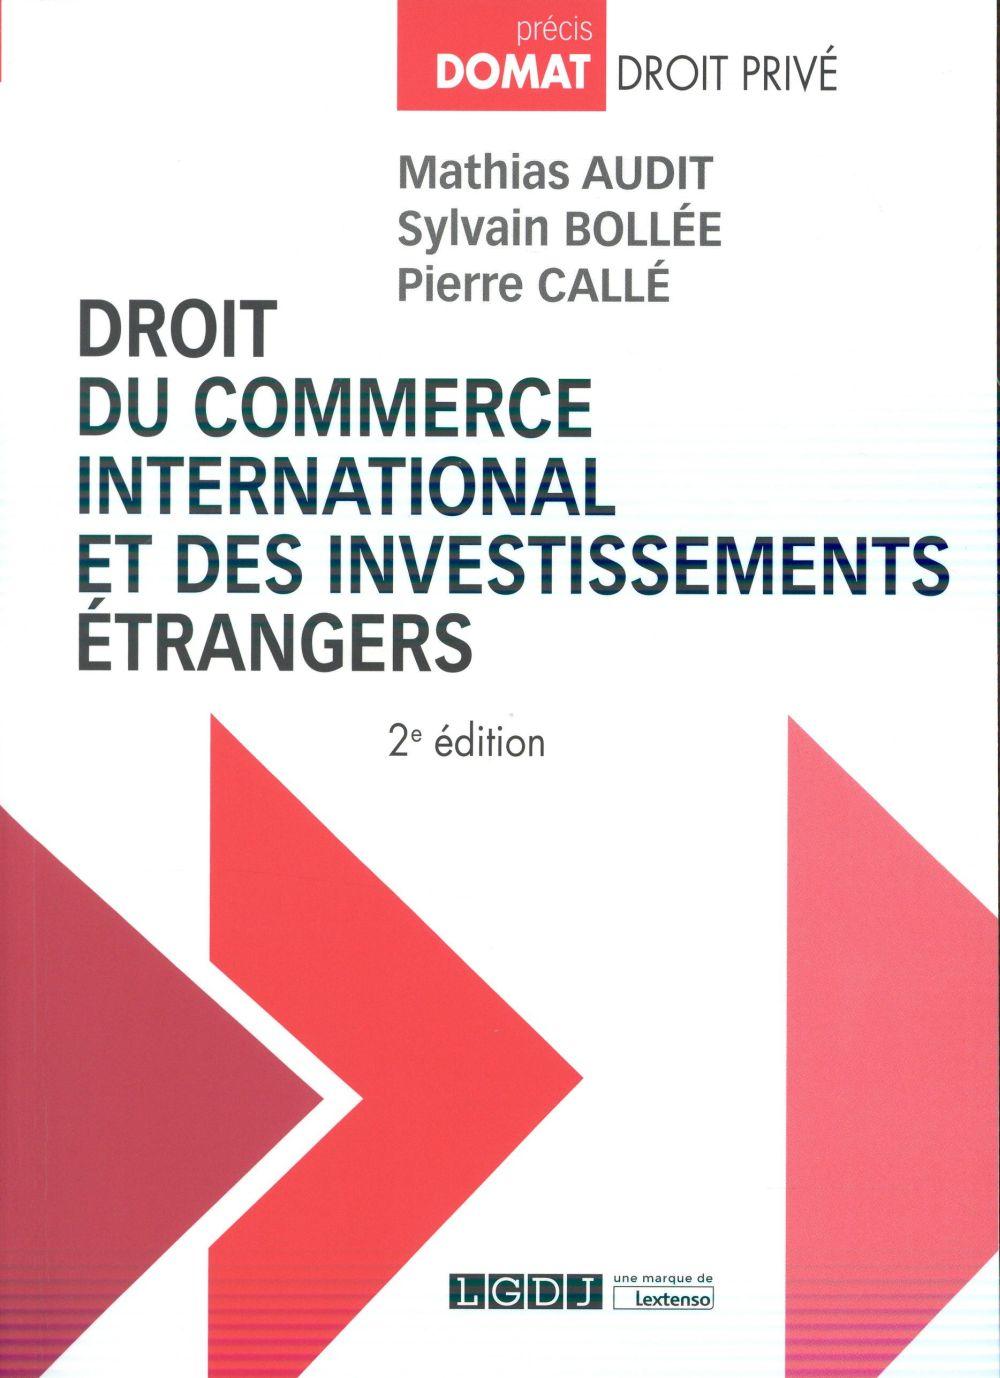 Droit du commerce international et des investissements étrangers (2e édition)